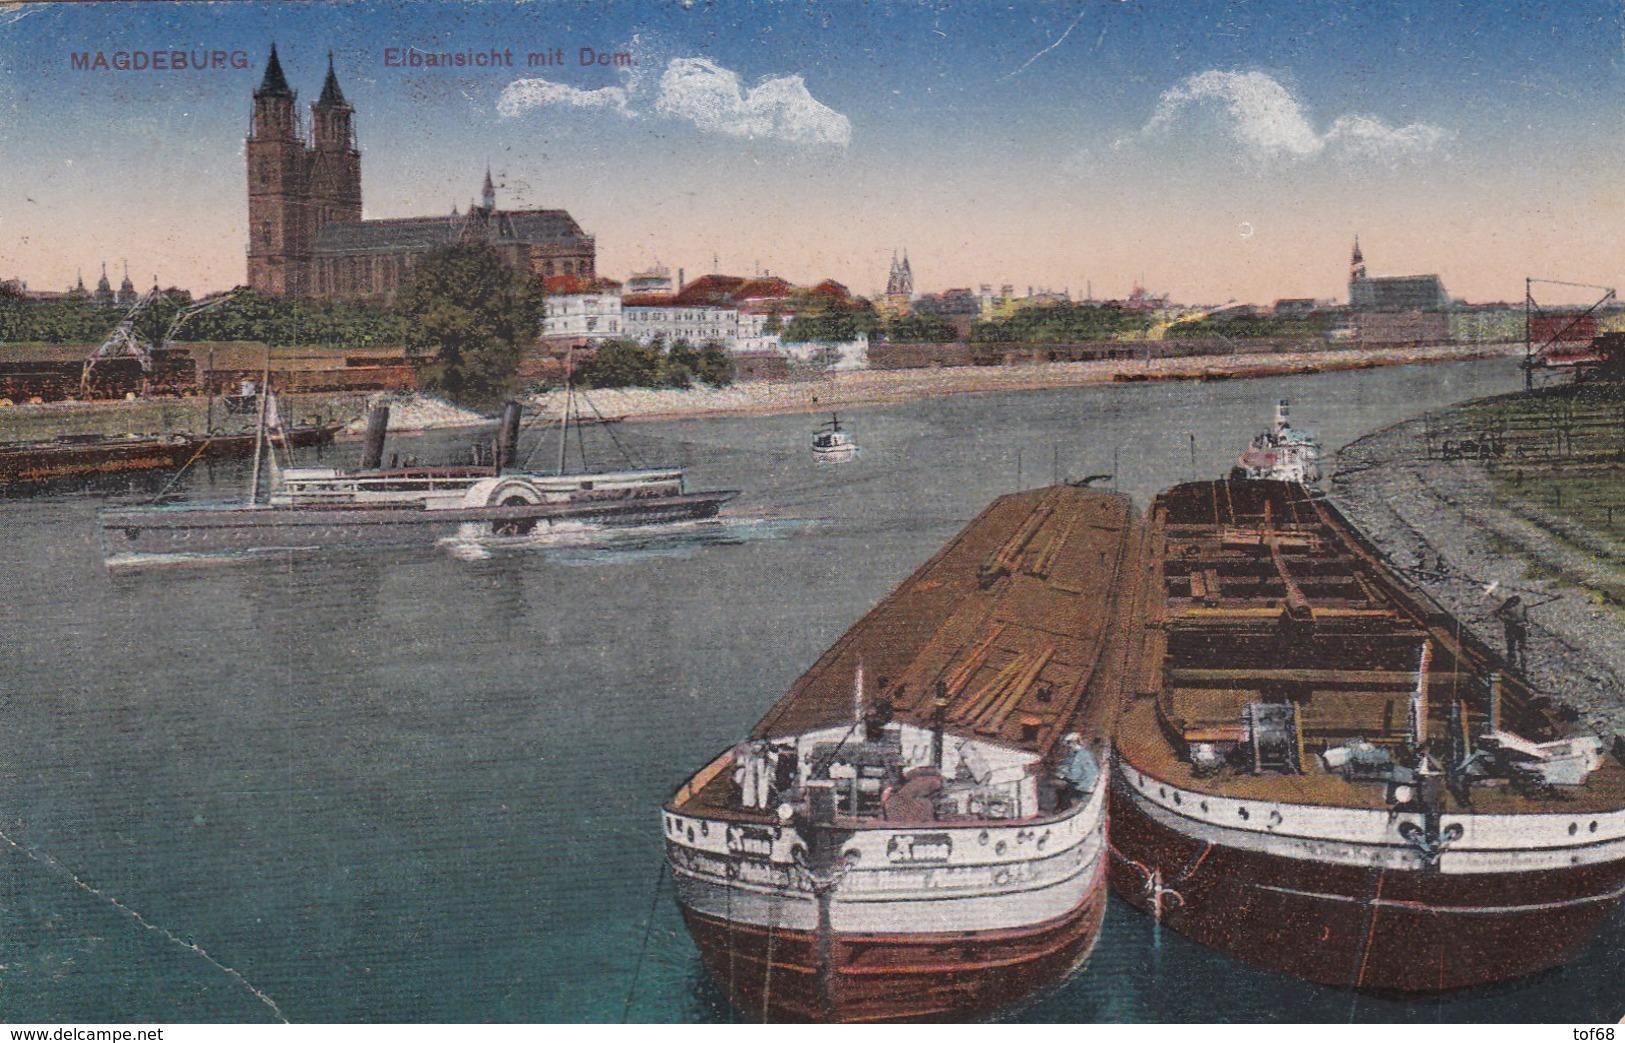 Magdeburg Elbansicht Mit Dom - Magdeburg